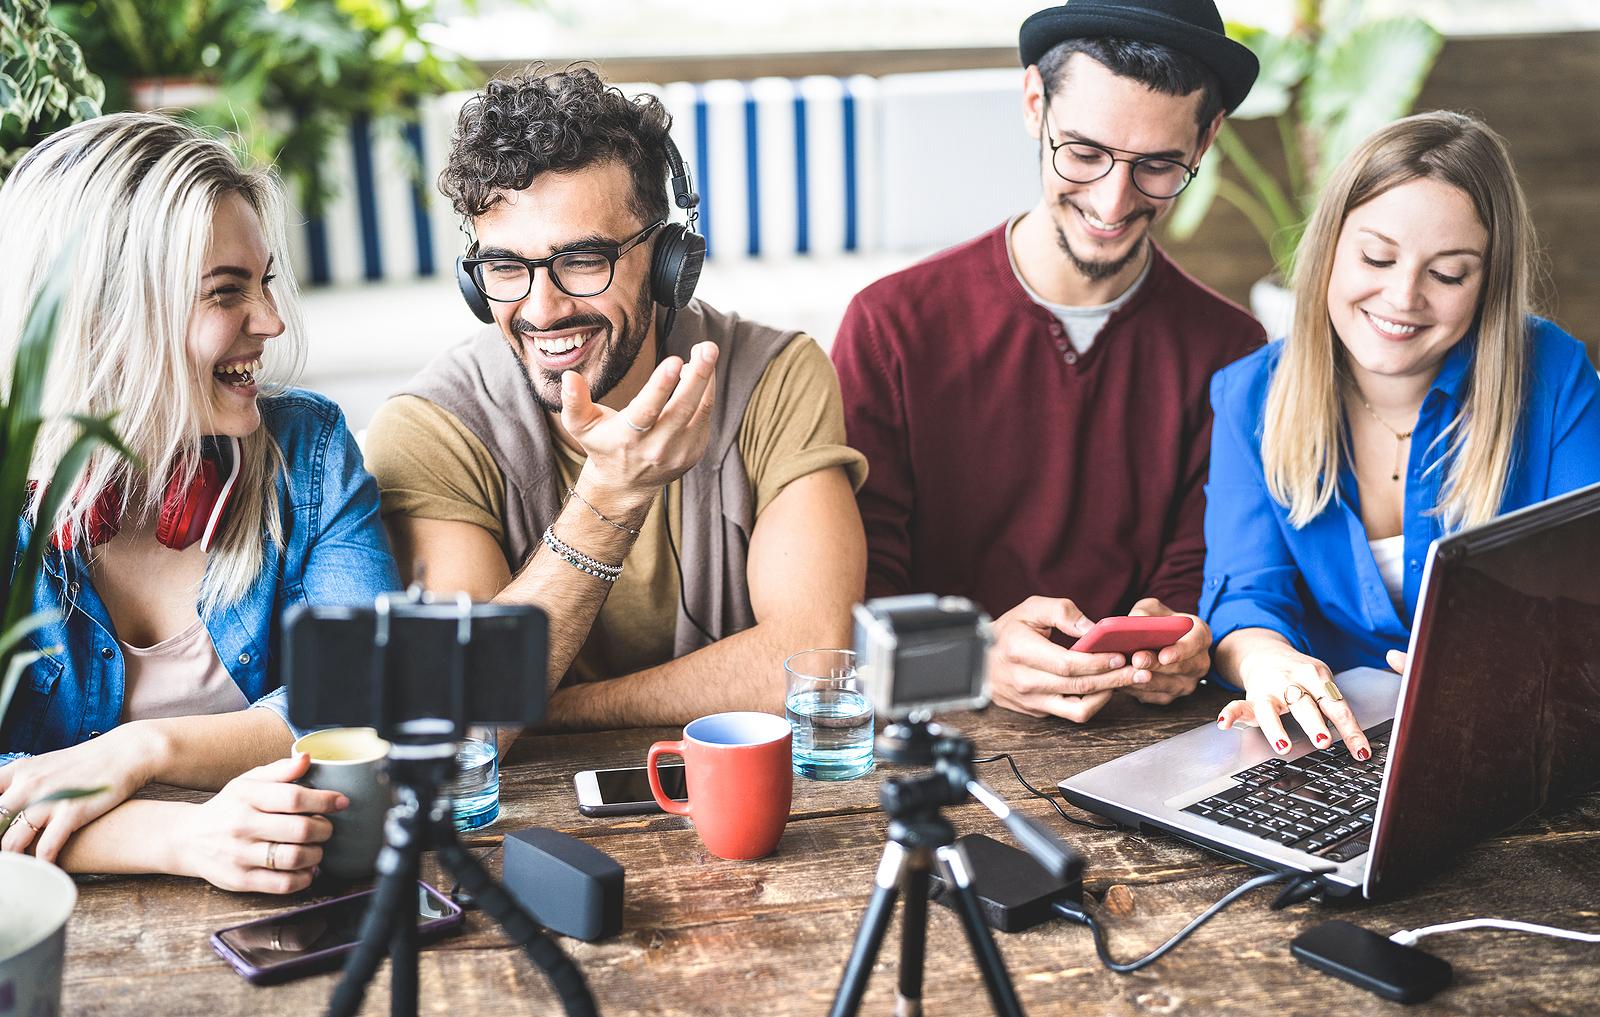 6 Modern, Digital Marketing Tips for Start-Ups